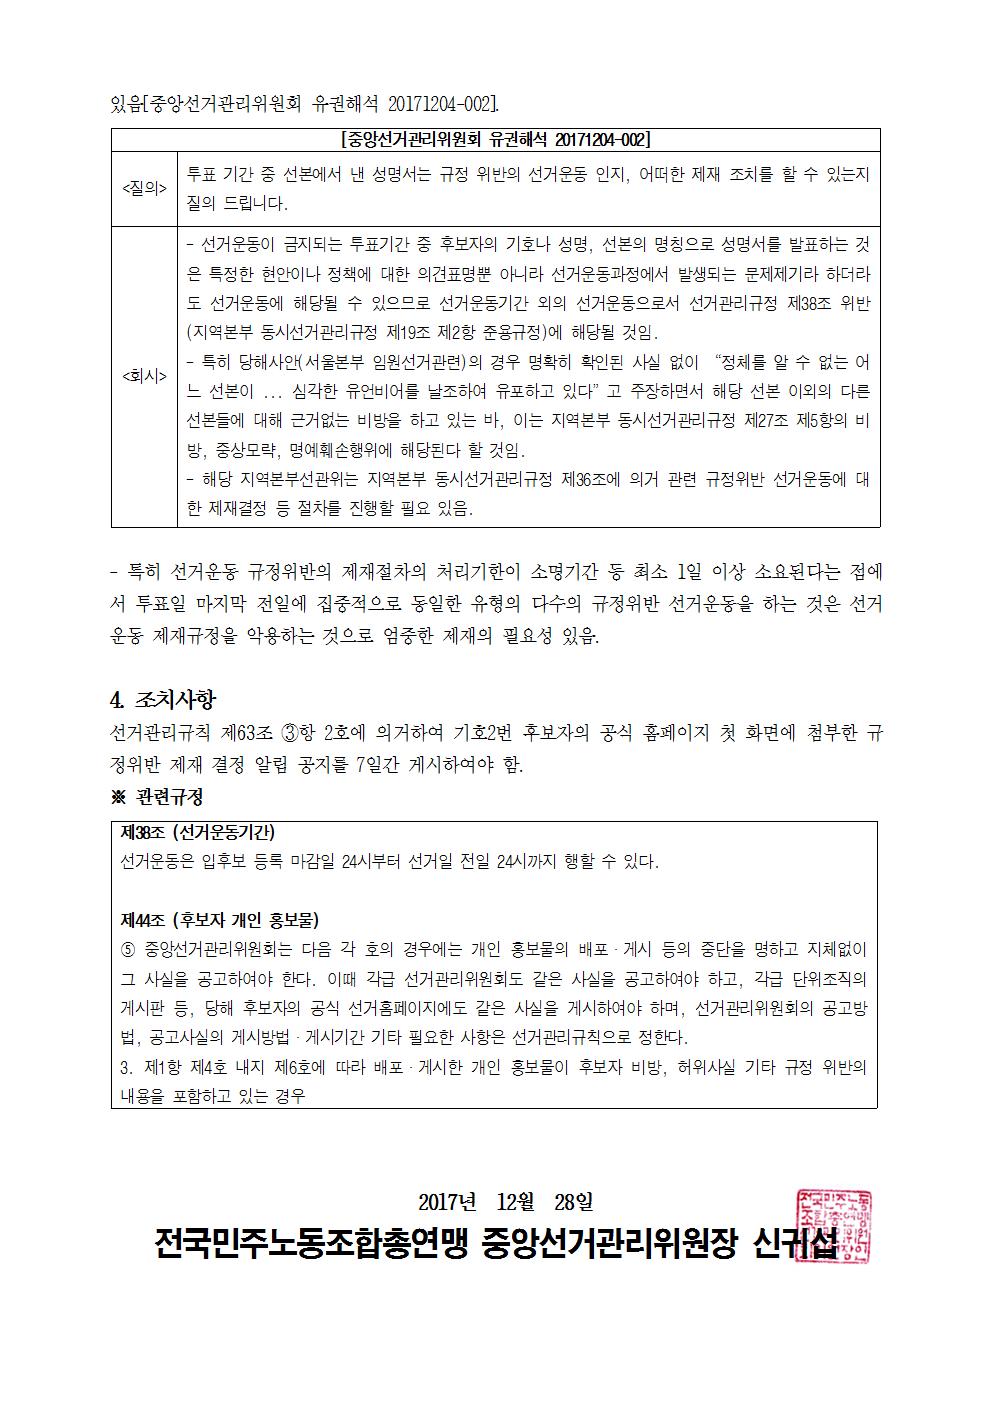 기호2번 후보자 결선투표기간 규정위반 선거운동 3건 제재 결정 알림002.png